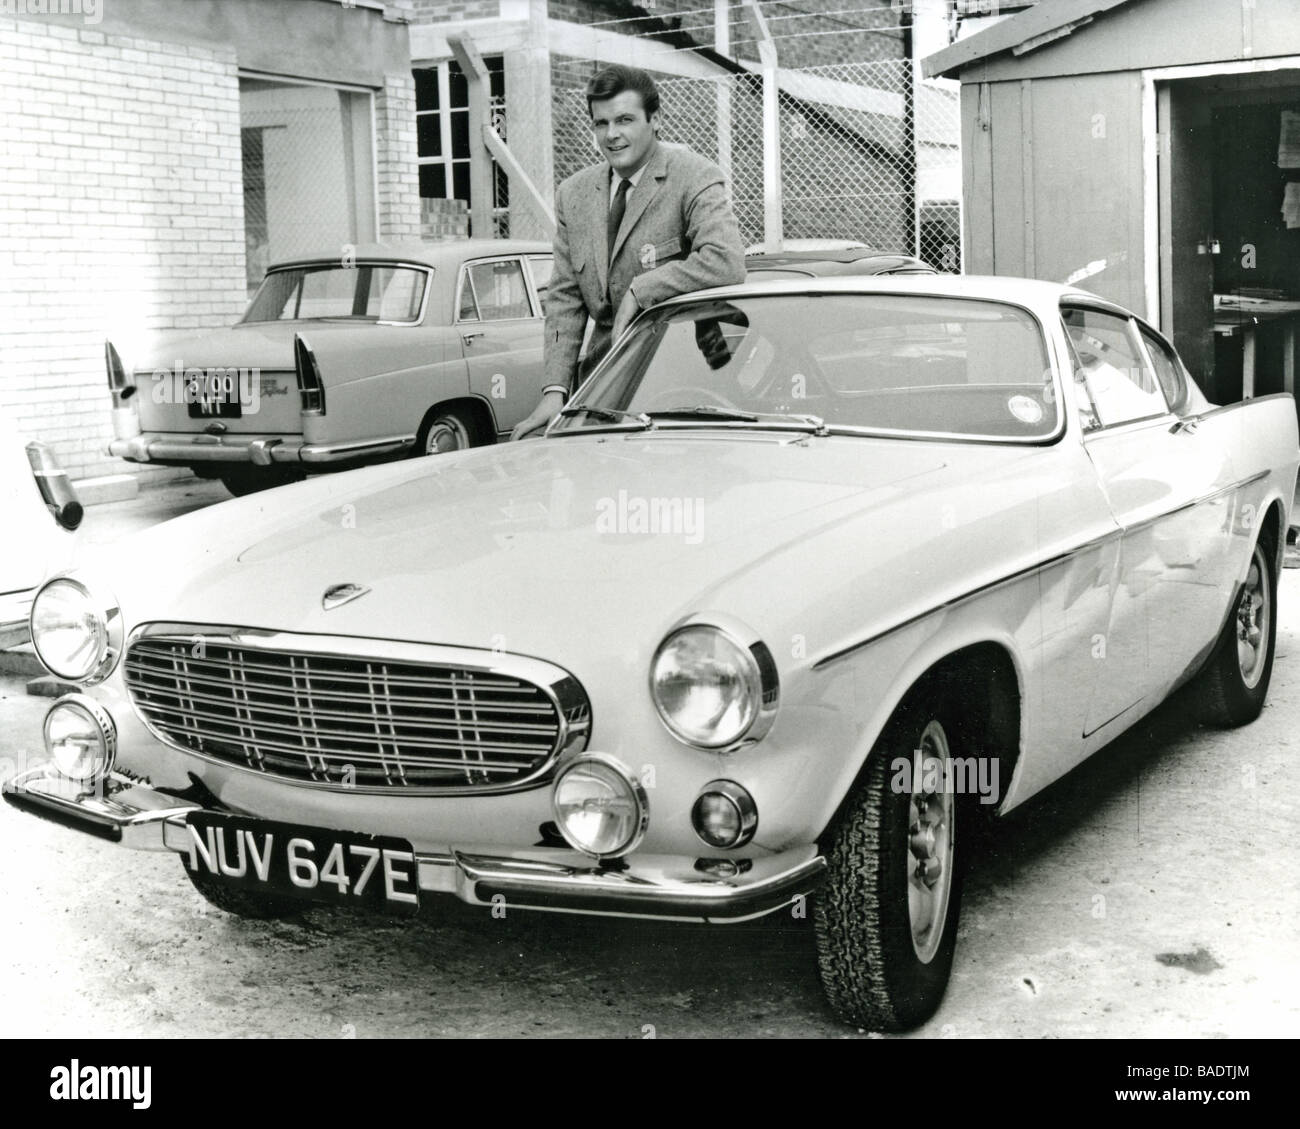 DER Heilige der 1960er Jahre TV-Serie mit Roger Moore mit seinem Volvo P1800 in den Elstree Studios hier gesehen Stockbild